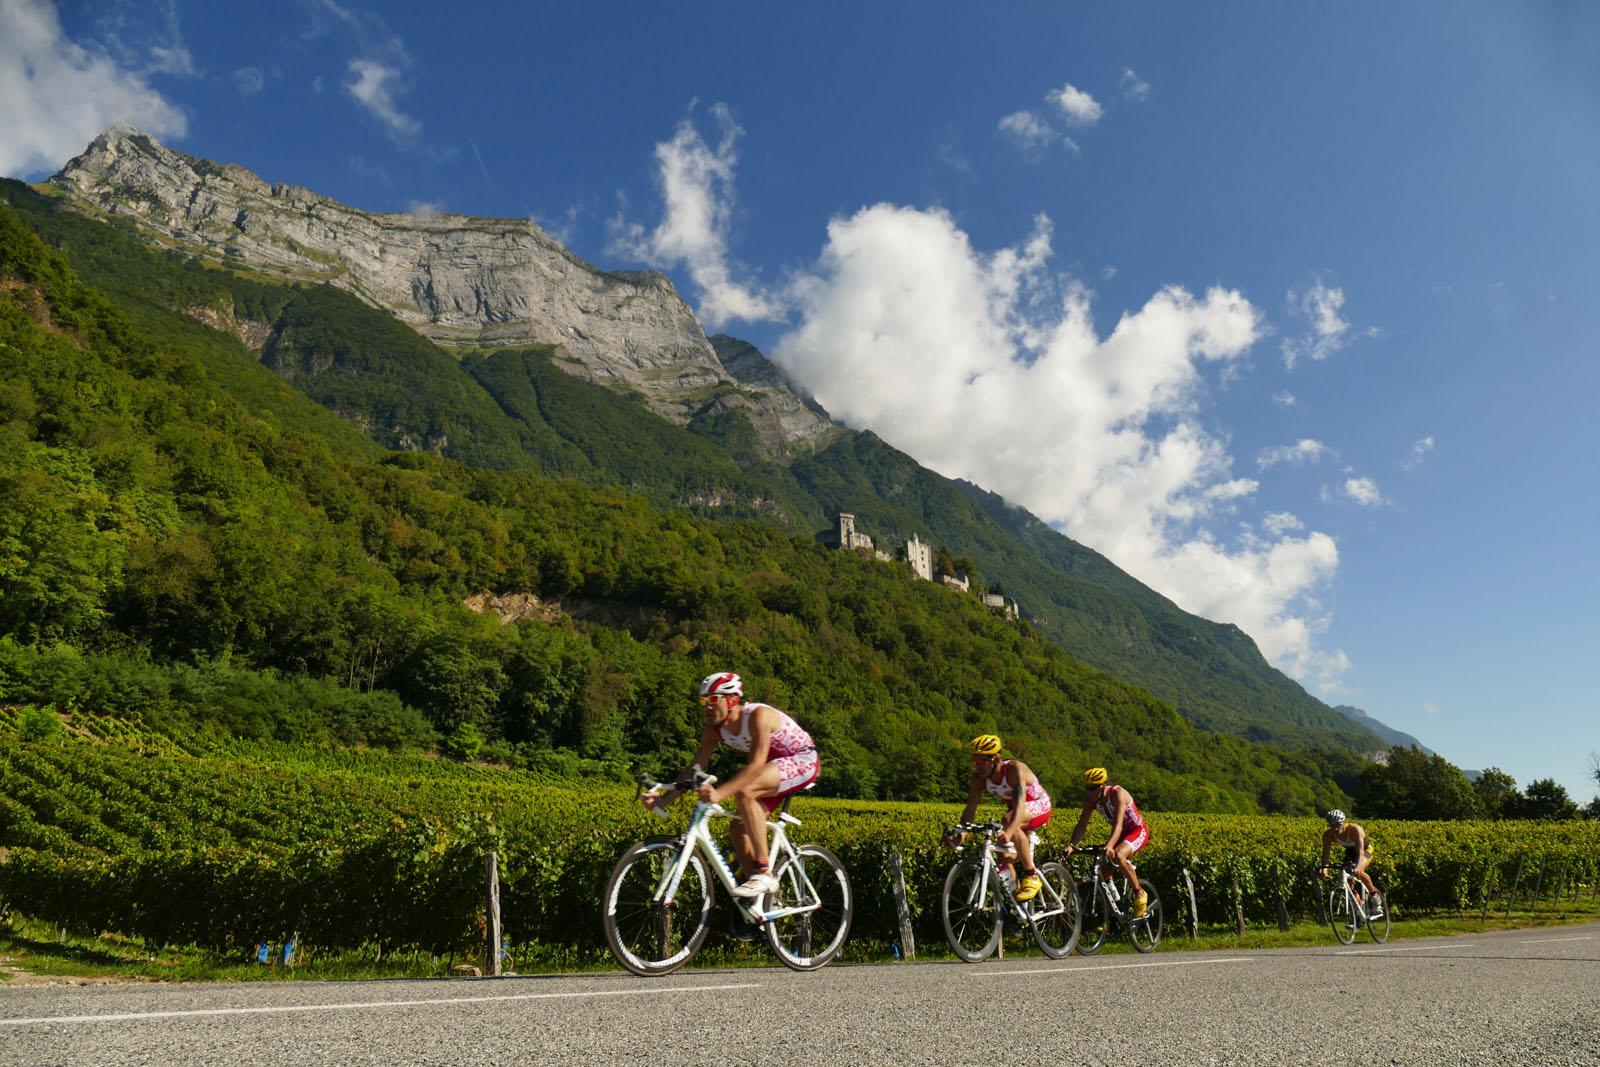 Le triathlon de Saint-Pierre d'Albigny, sous le Château de Miolans, près d'un hébergement de vacances dans les Alpes